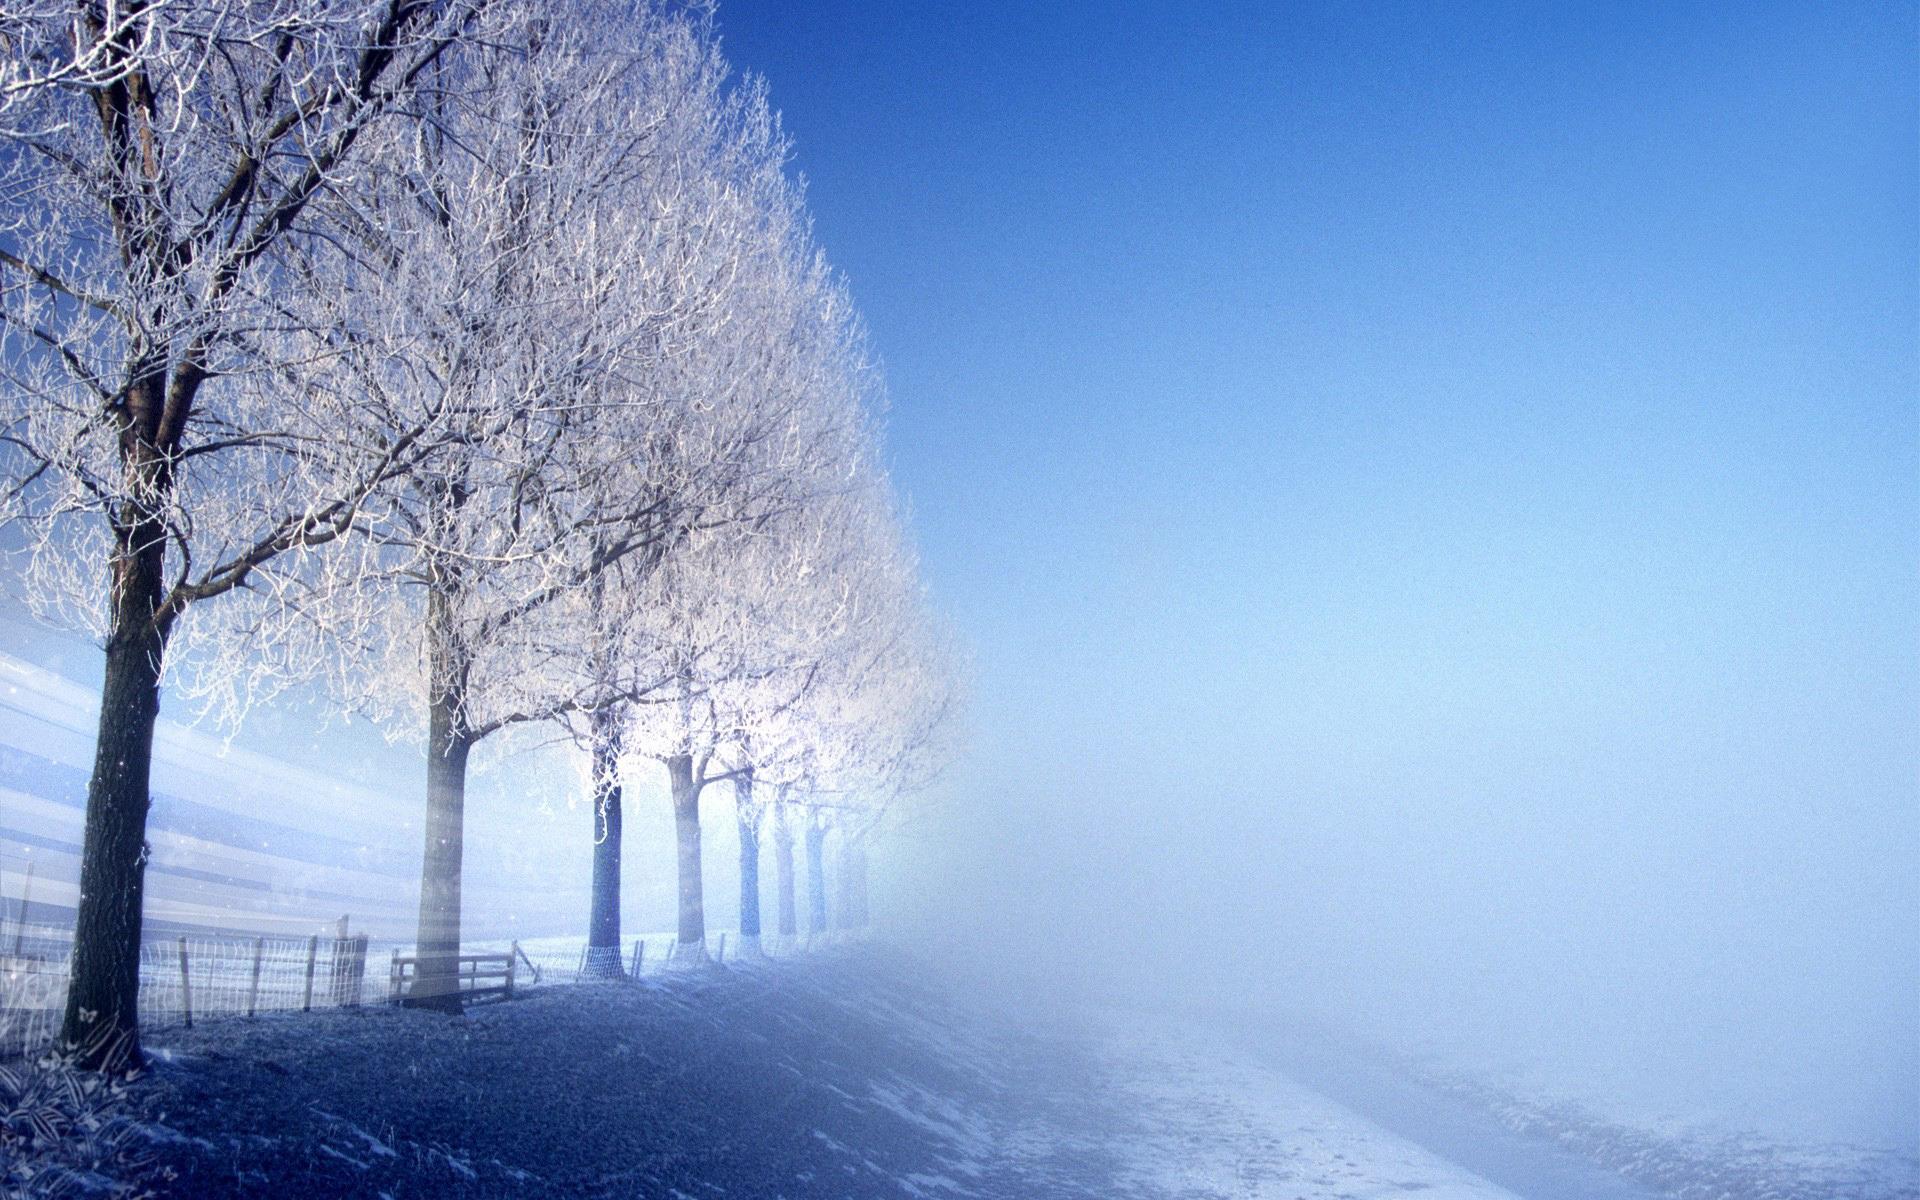 Scenery Winter Background Hd Desktop Wallpapers 4k Hd